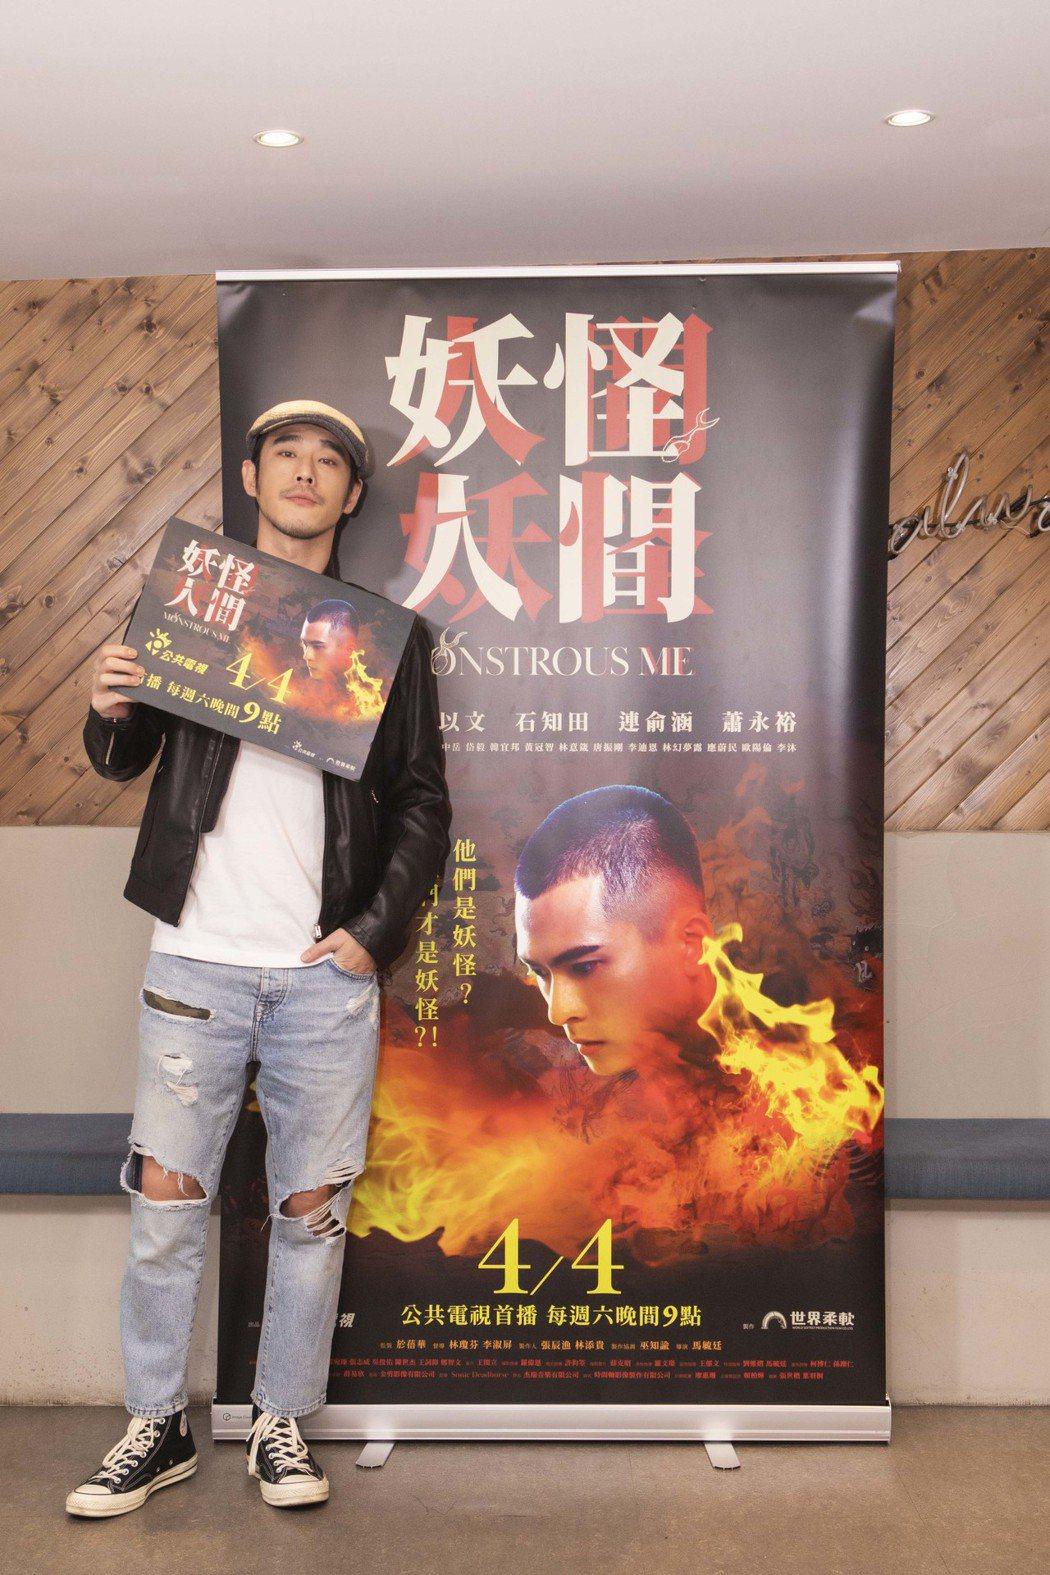 黃騰浩出席「妖怪人間」媒體茶敘。圖/公視提供